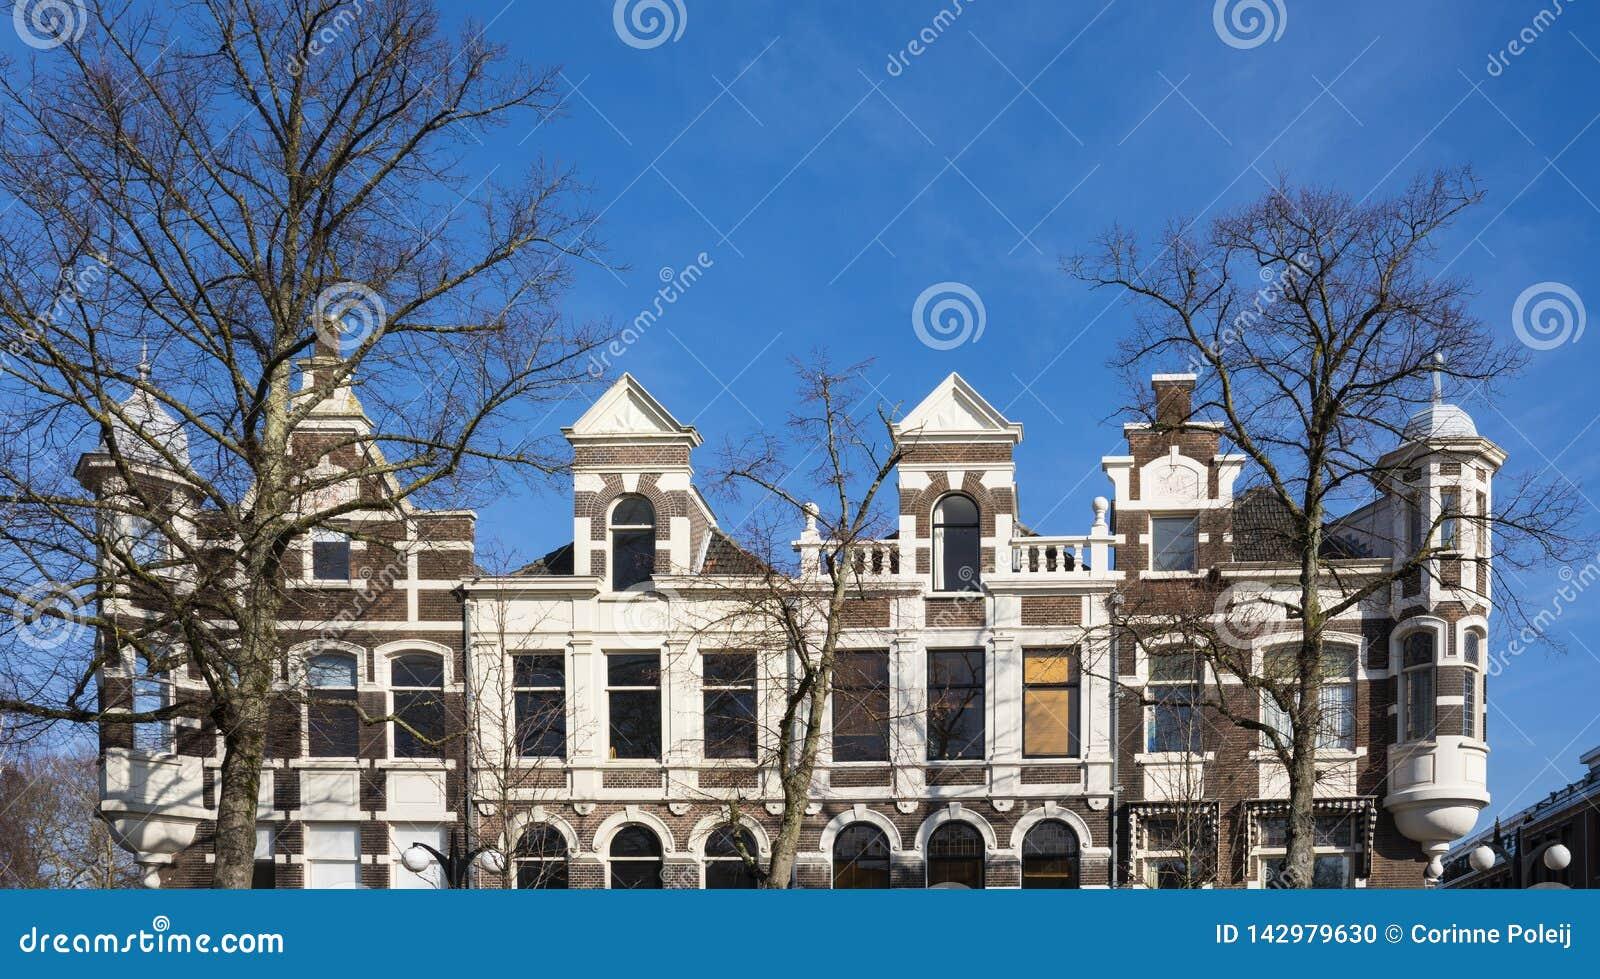 Façades des maisons dans la rue Vrieseplein, Dordrecht, Pays-Bas